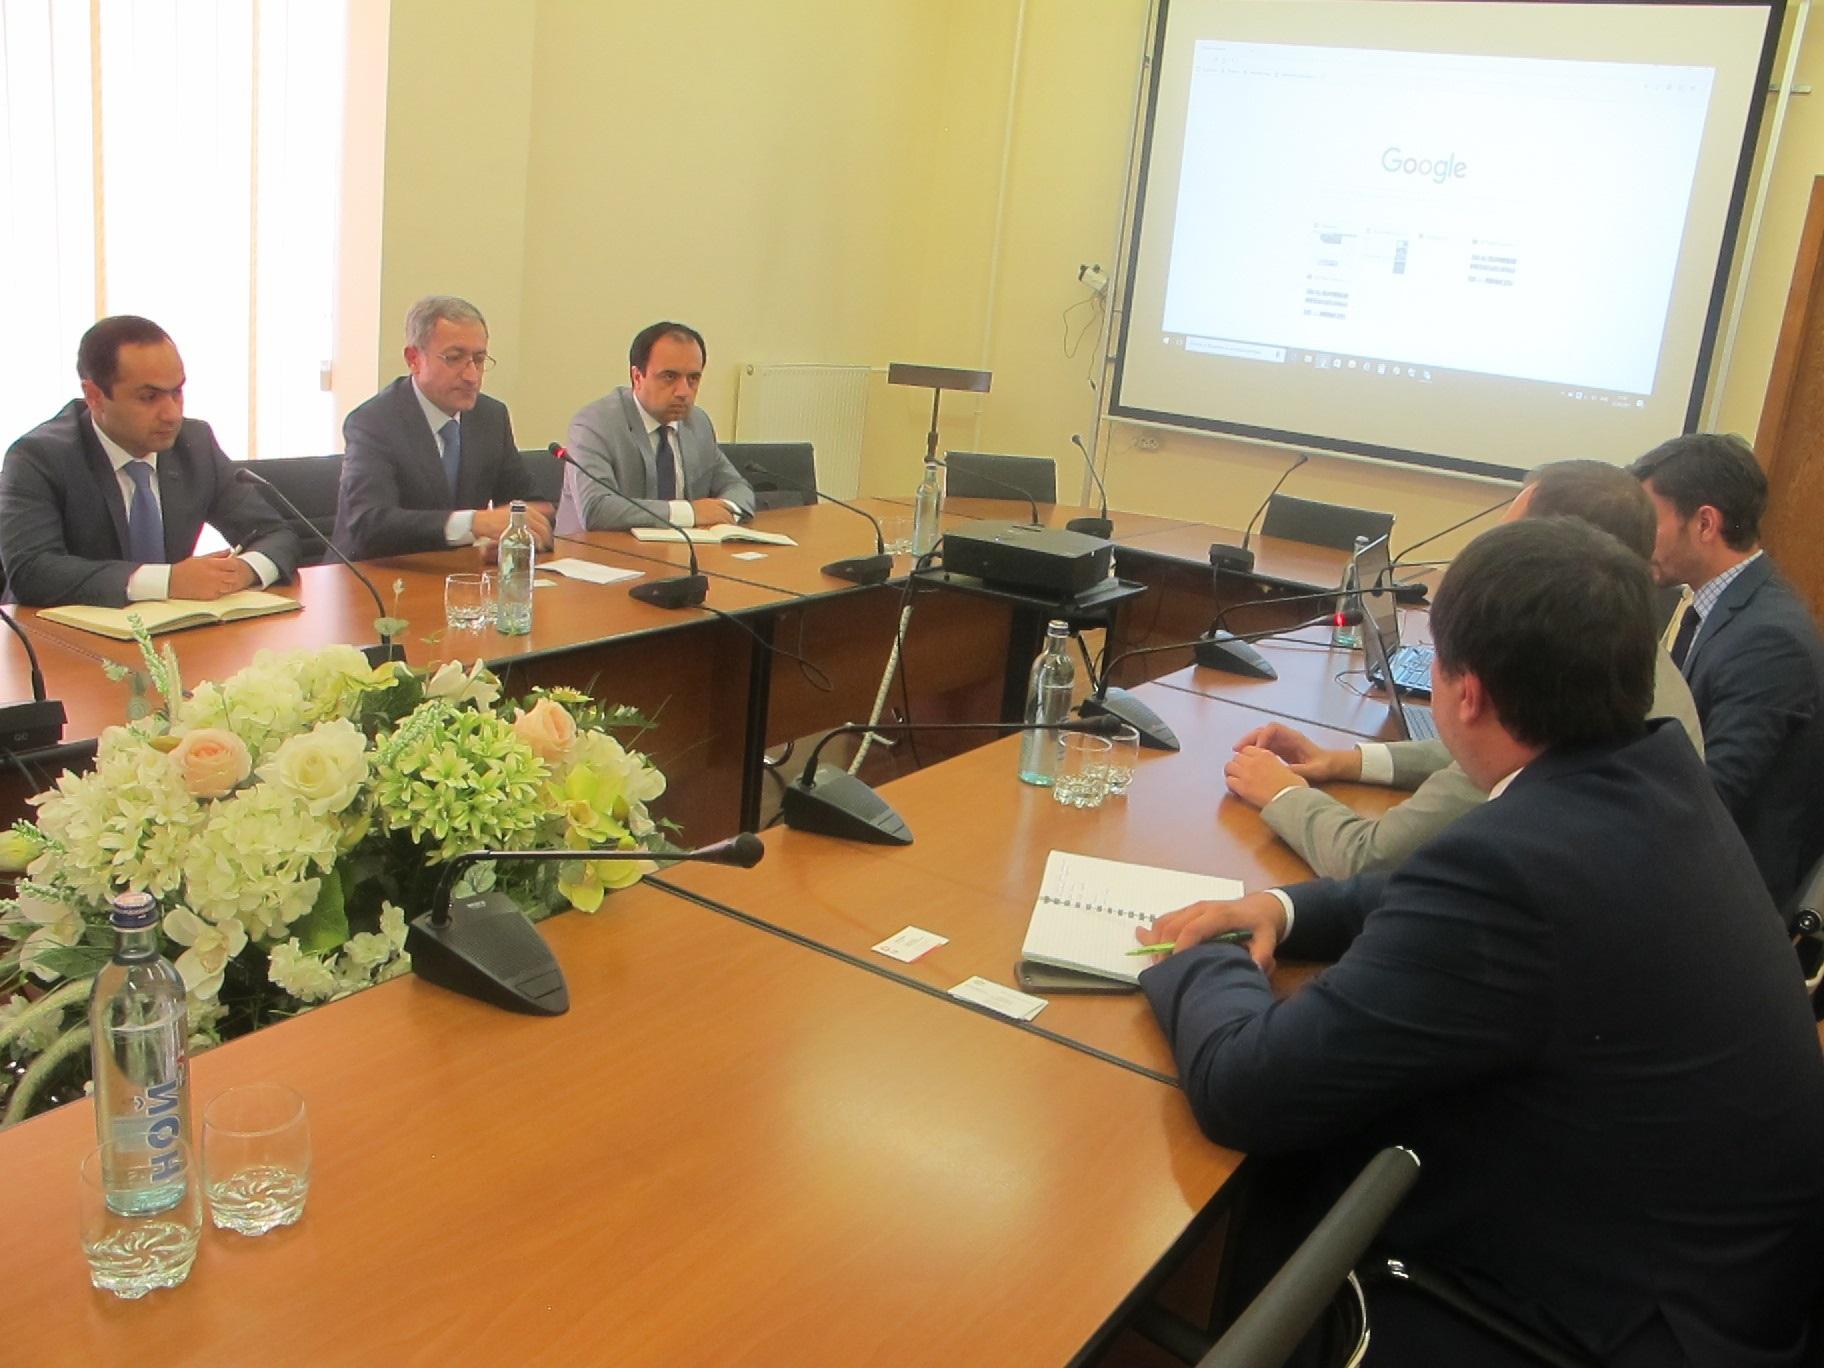 Компания General Electric заинтересована в строительстве станции для производства электроэнергии в Раздане